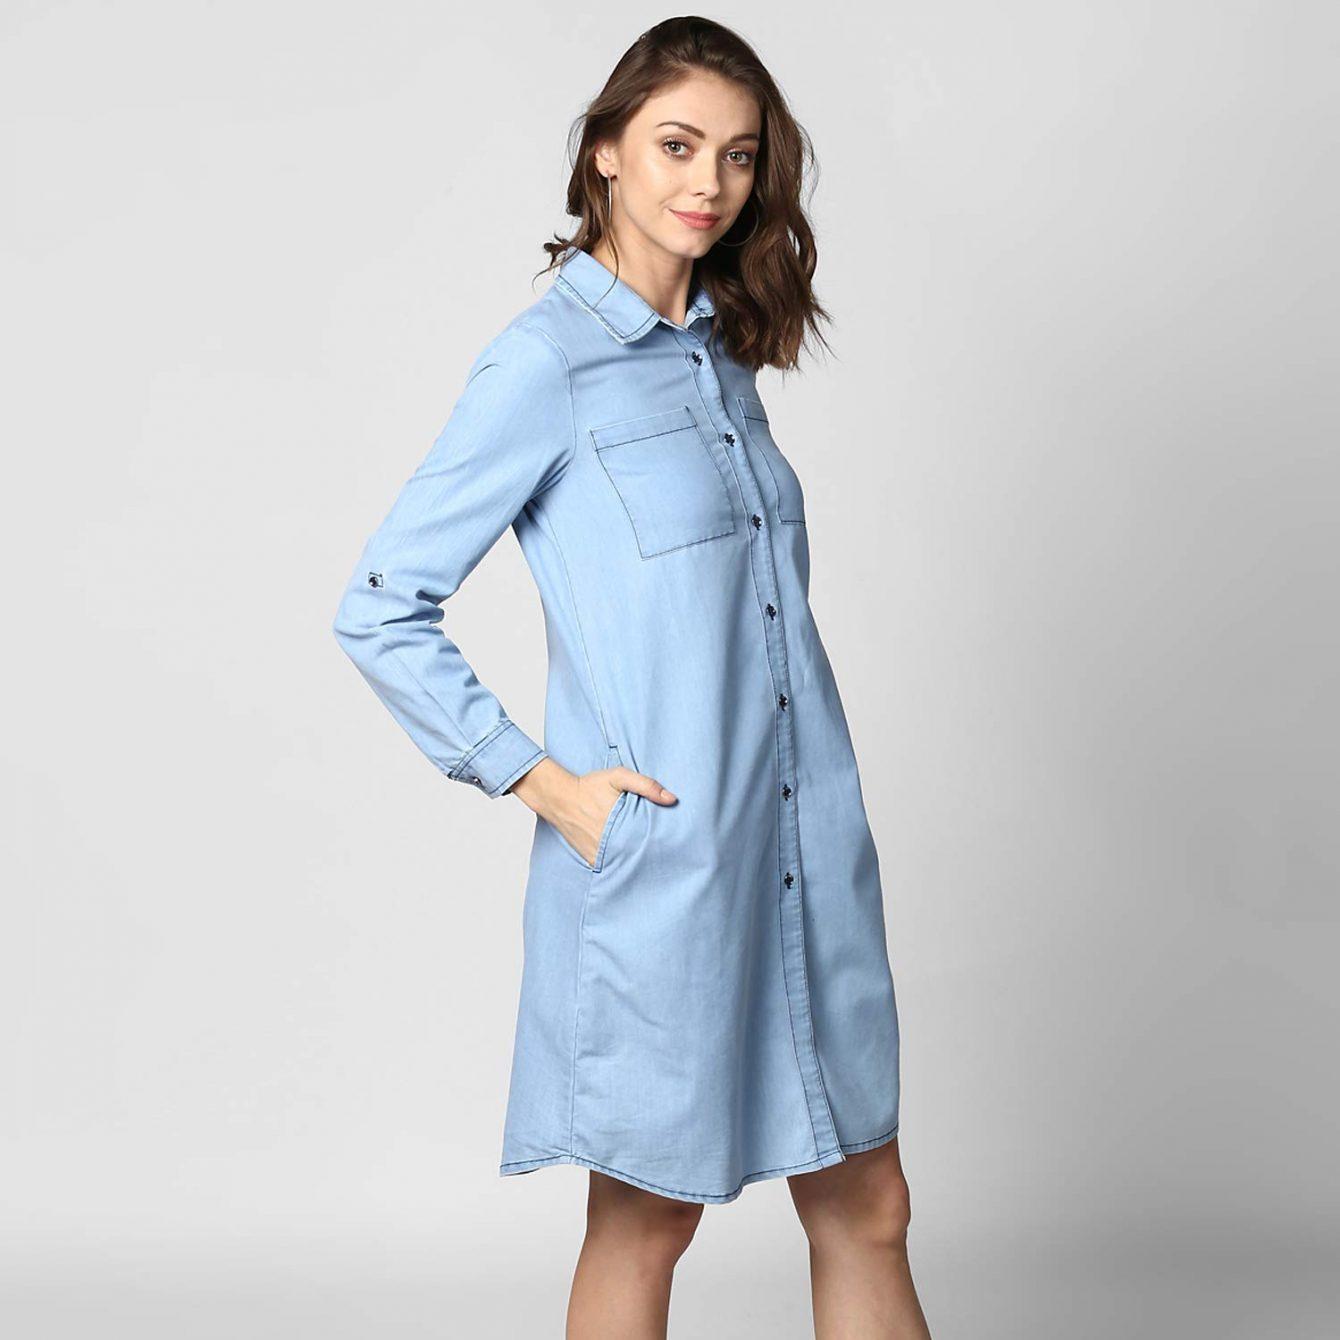 blue denim dress for women